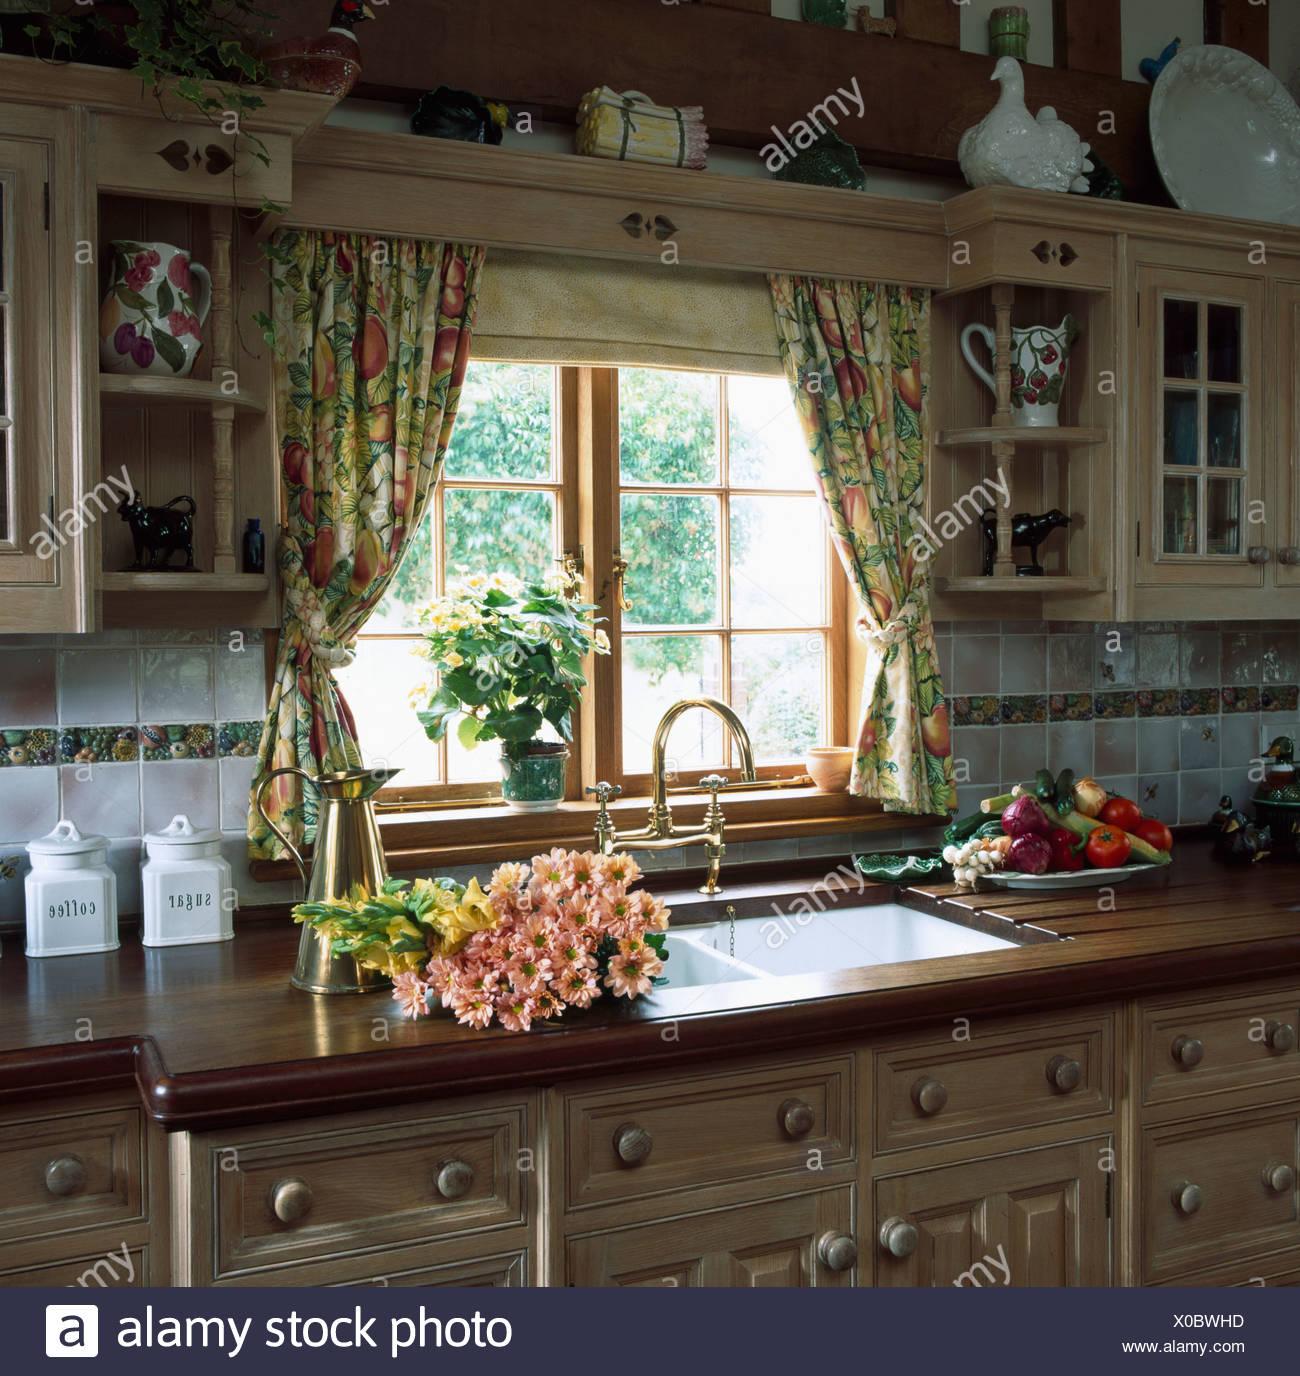 Full Size of Gardinen Dekorationsvorschläge Küche Gardine Küche Kräuselband Küche Gardinen Stoff Küche Gardinen Kurz Gardinen Küche Gardine Küche